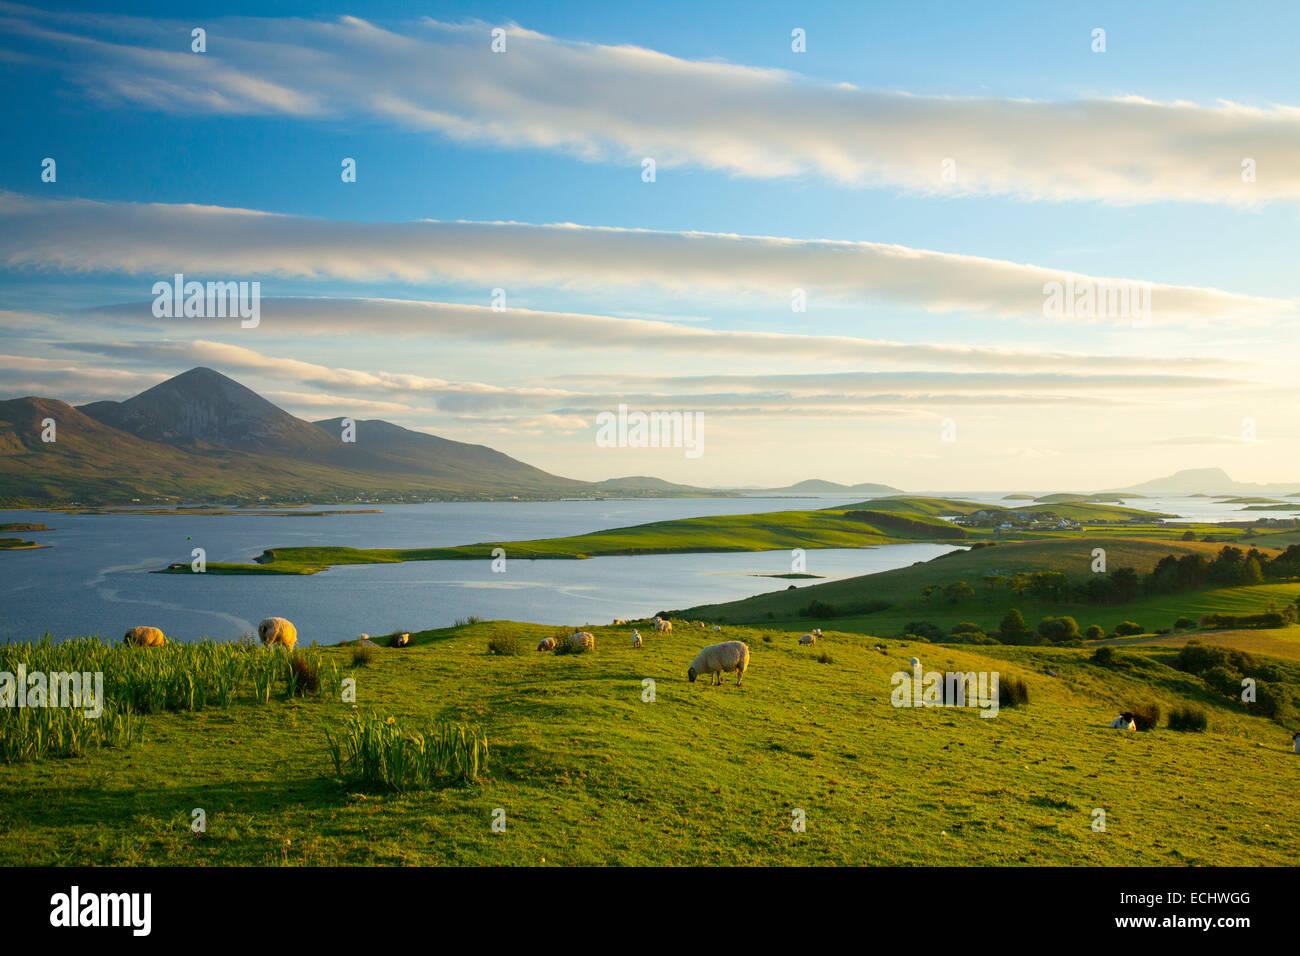 Schafe weiden unter Croagh Patrick am Ufer der Clew Bay, County Mayo, Irland. Stockbild